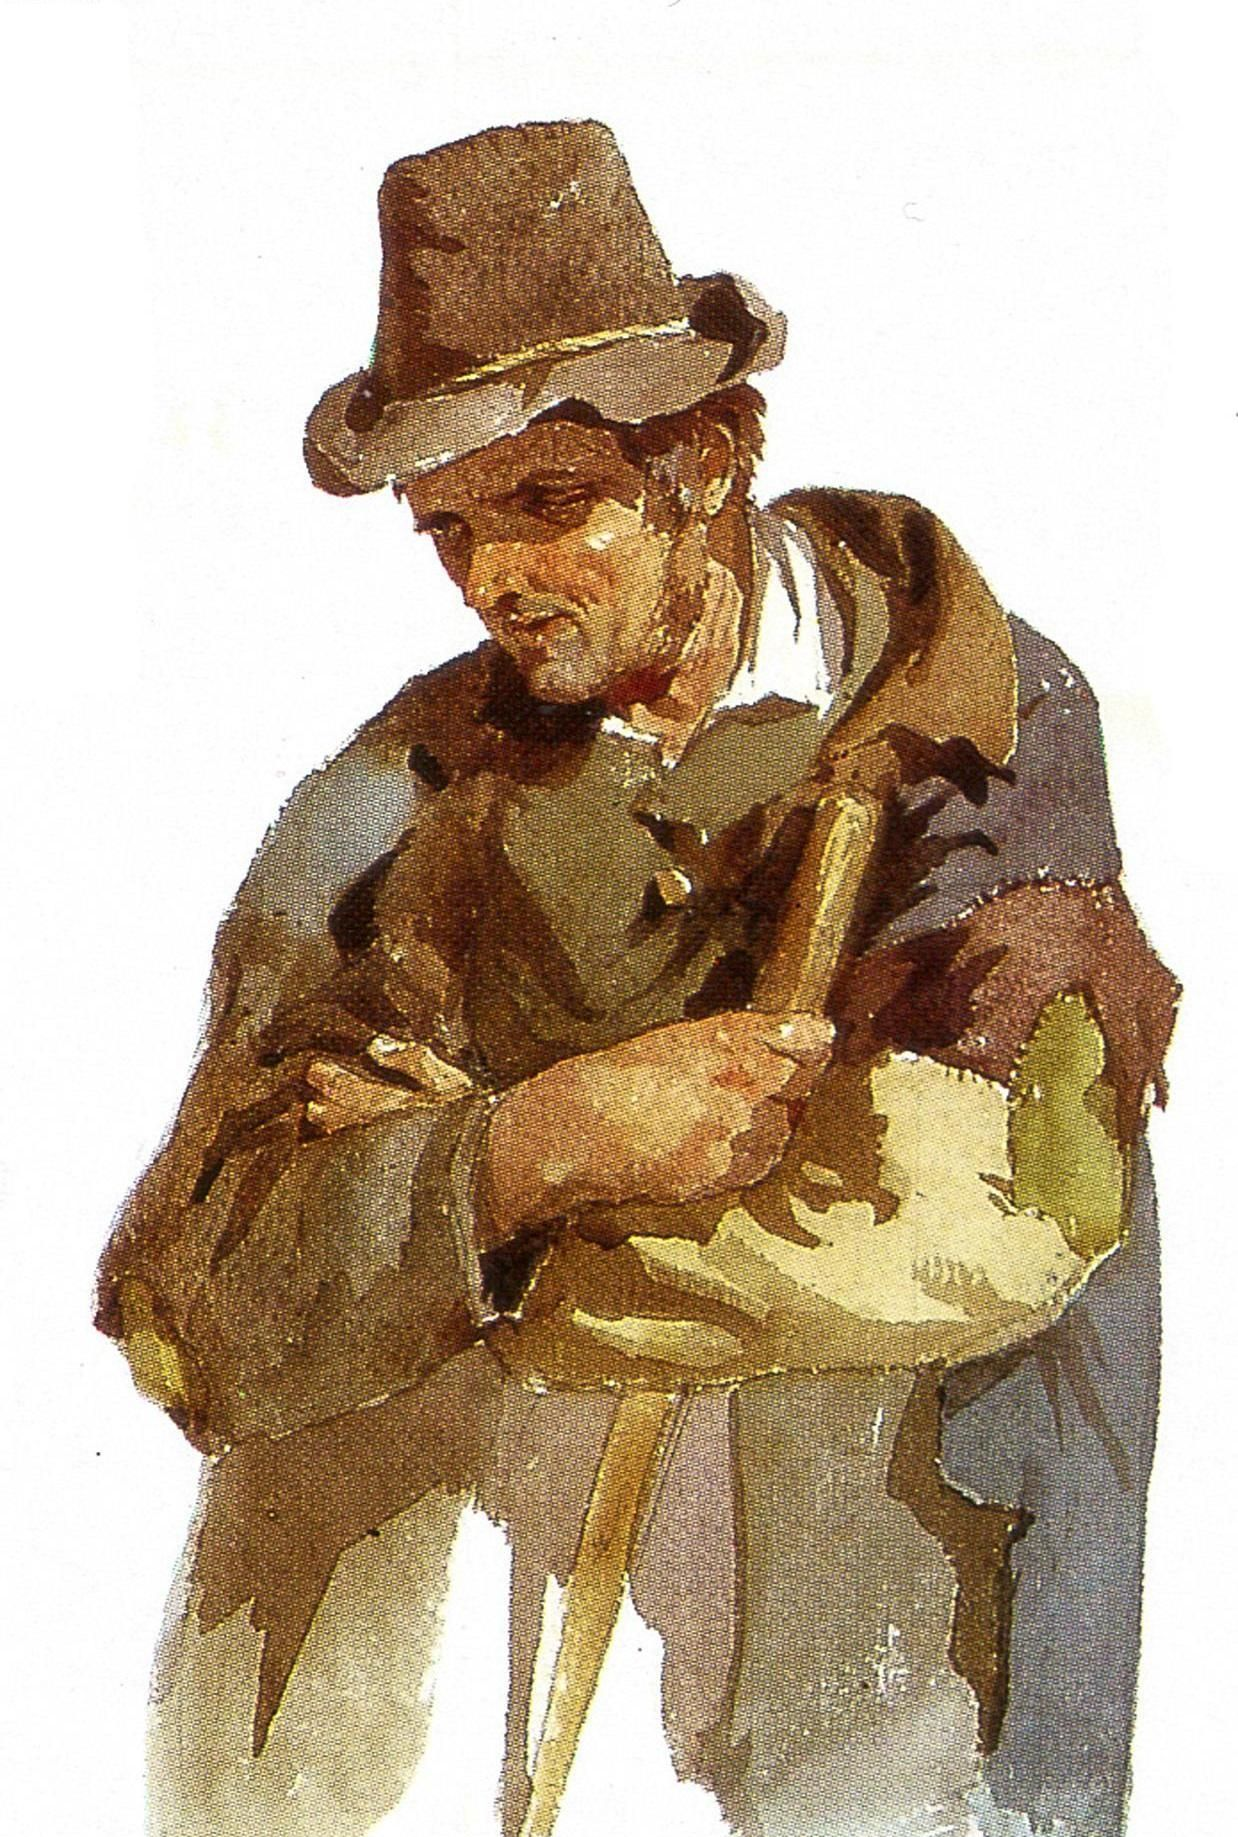 水彩画:爱尔兰农民,弗雷德里克古道尔绘